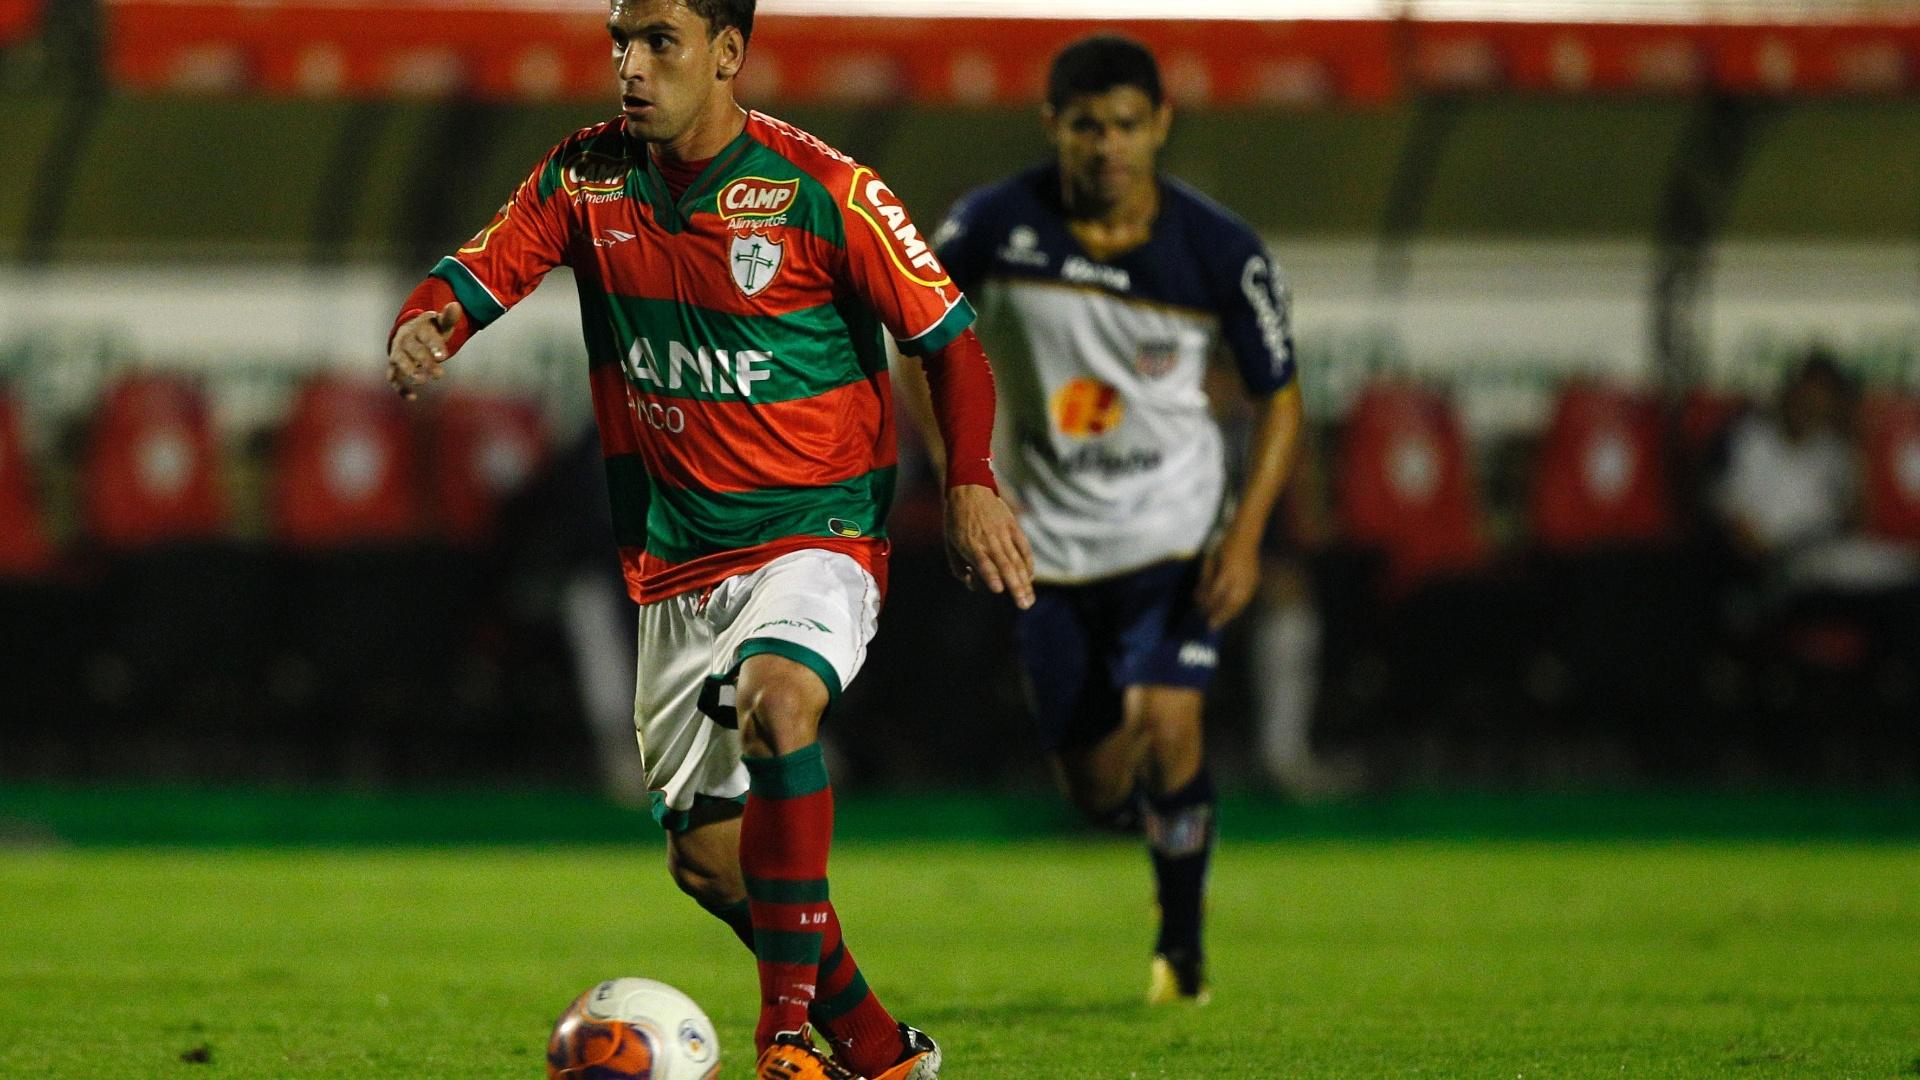 Ivo foi mais um da Portuguesa que não teve sucesso na tentativa de abrir o placar no Canindé (26/07/2011)